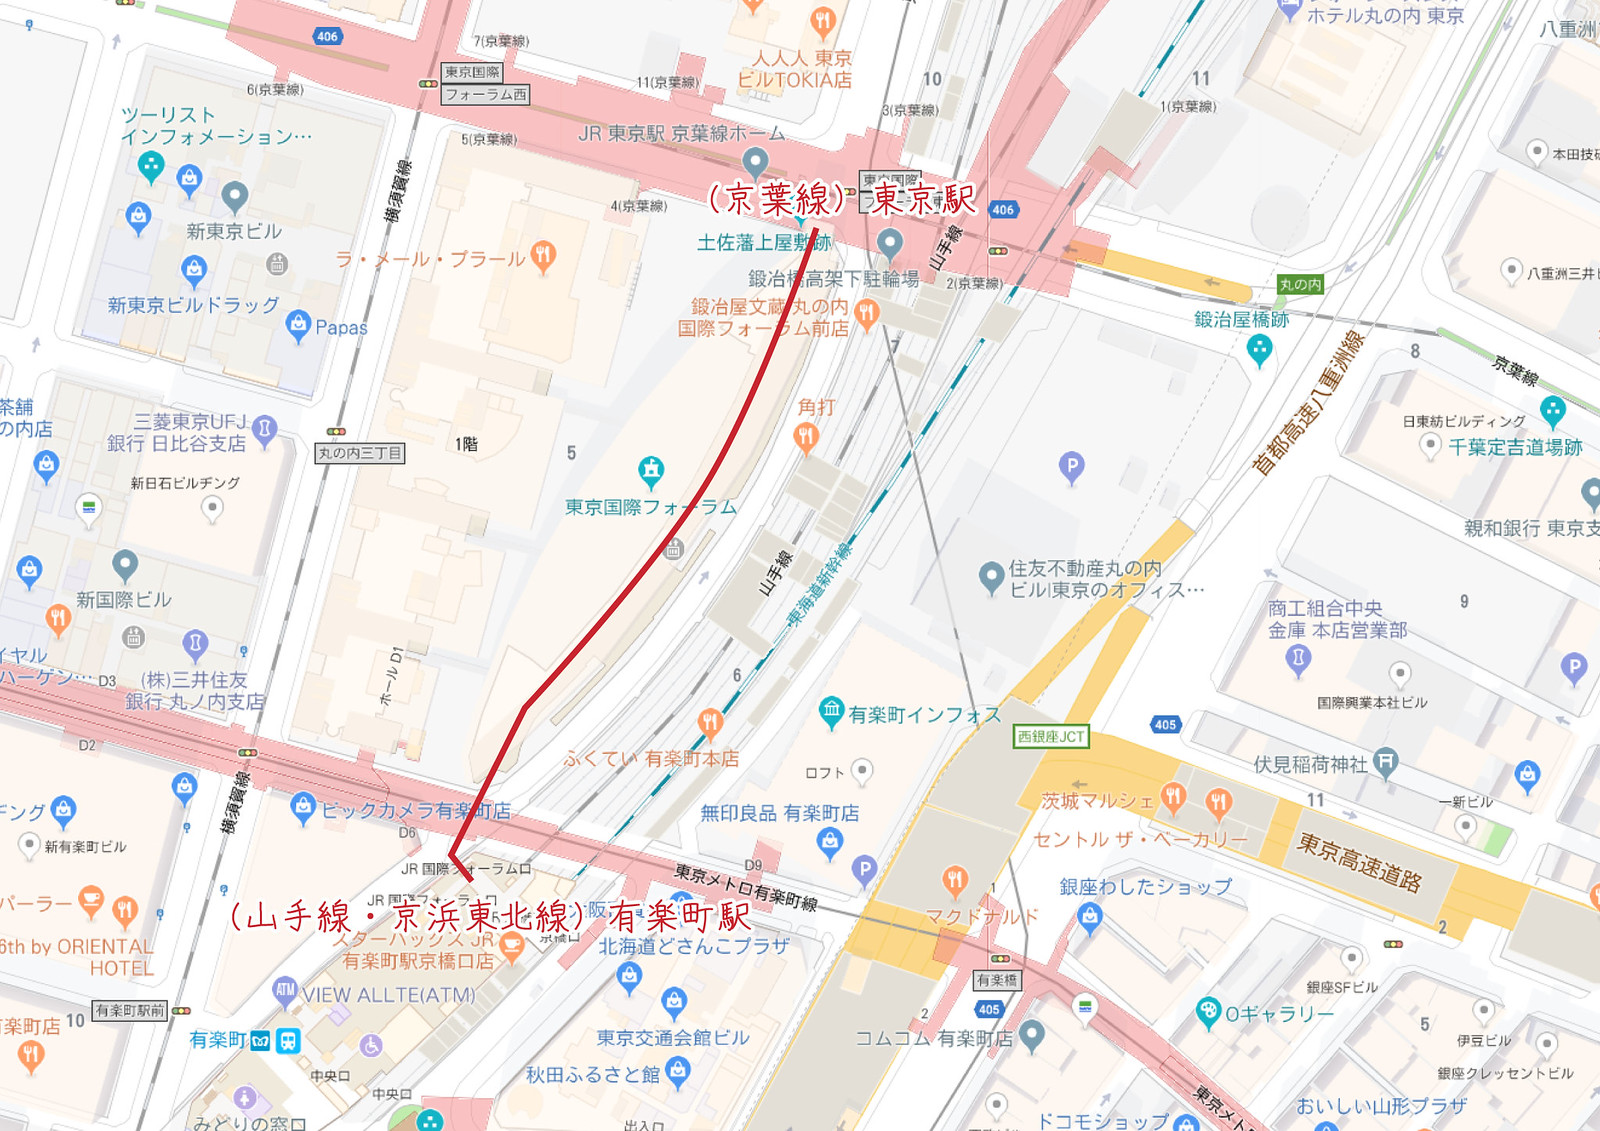 keiyo_line_yurakucho_map